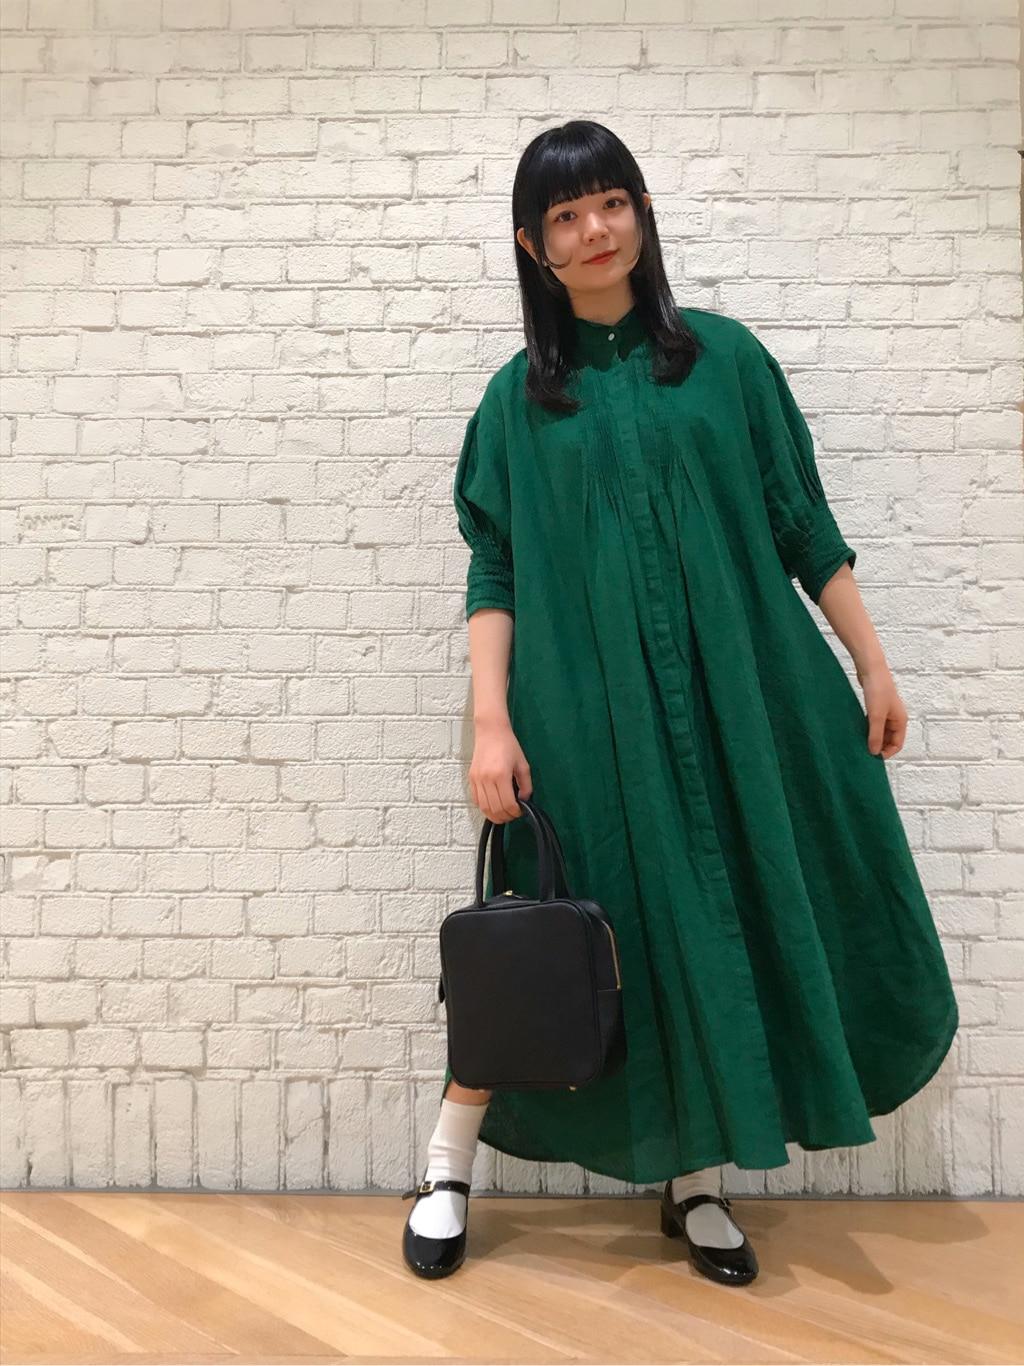 l'atelier du savon 東京スカイツリータウン・ソラマチ 身長:154cm 2020.06.10